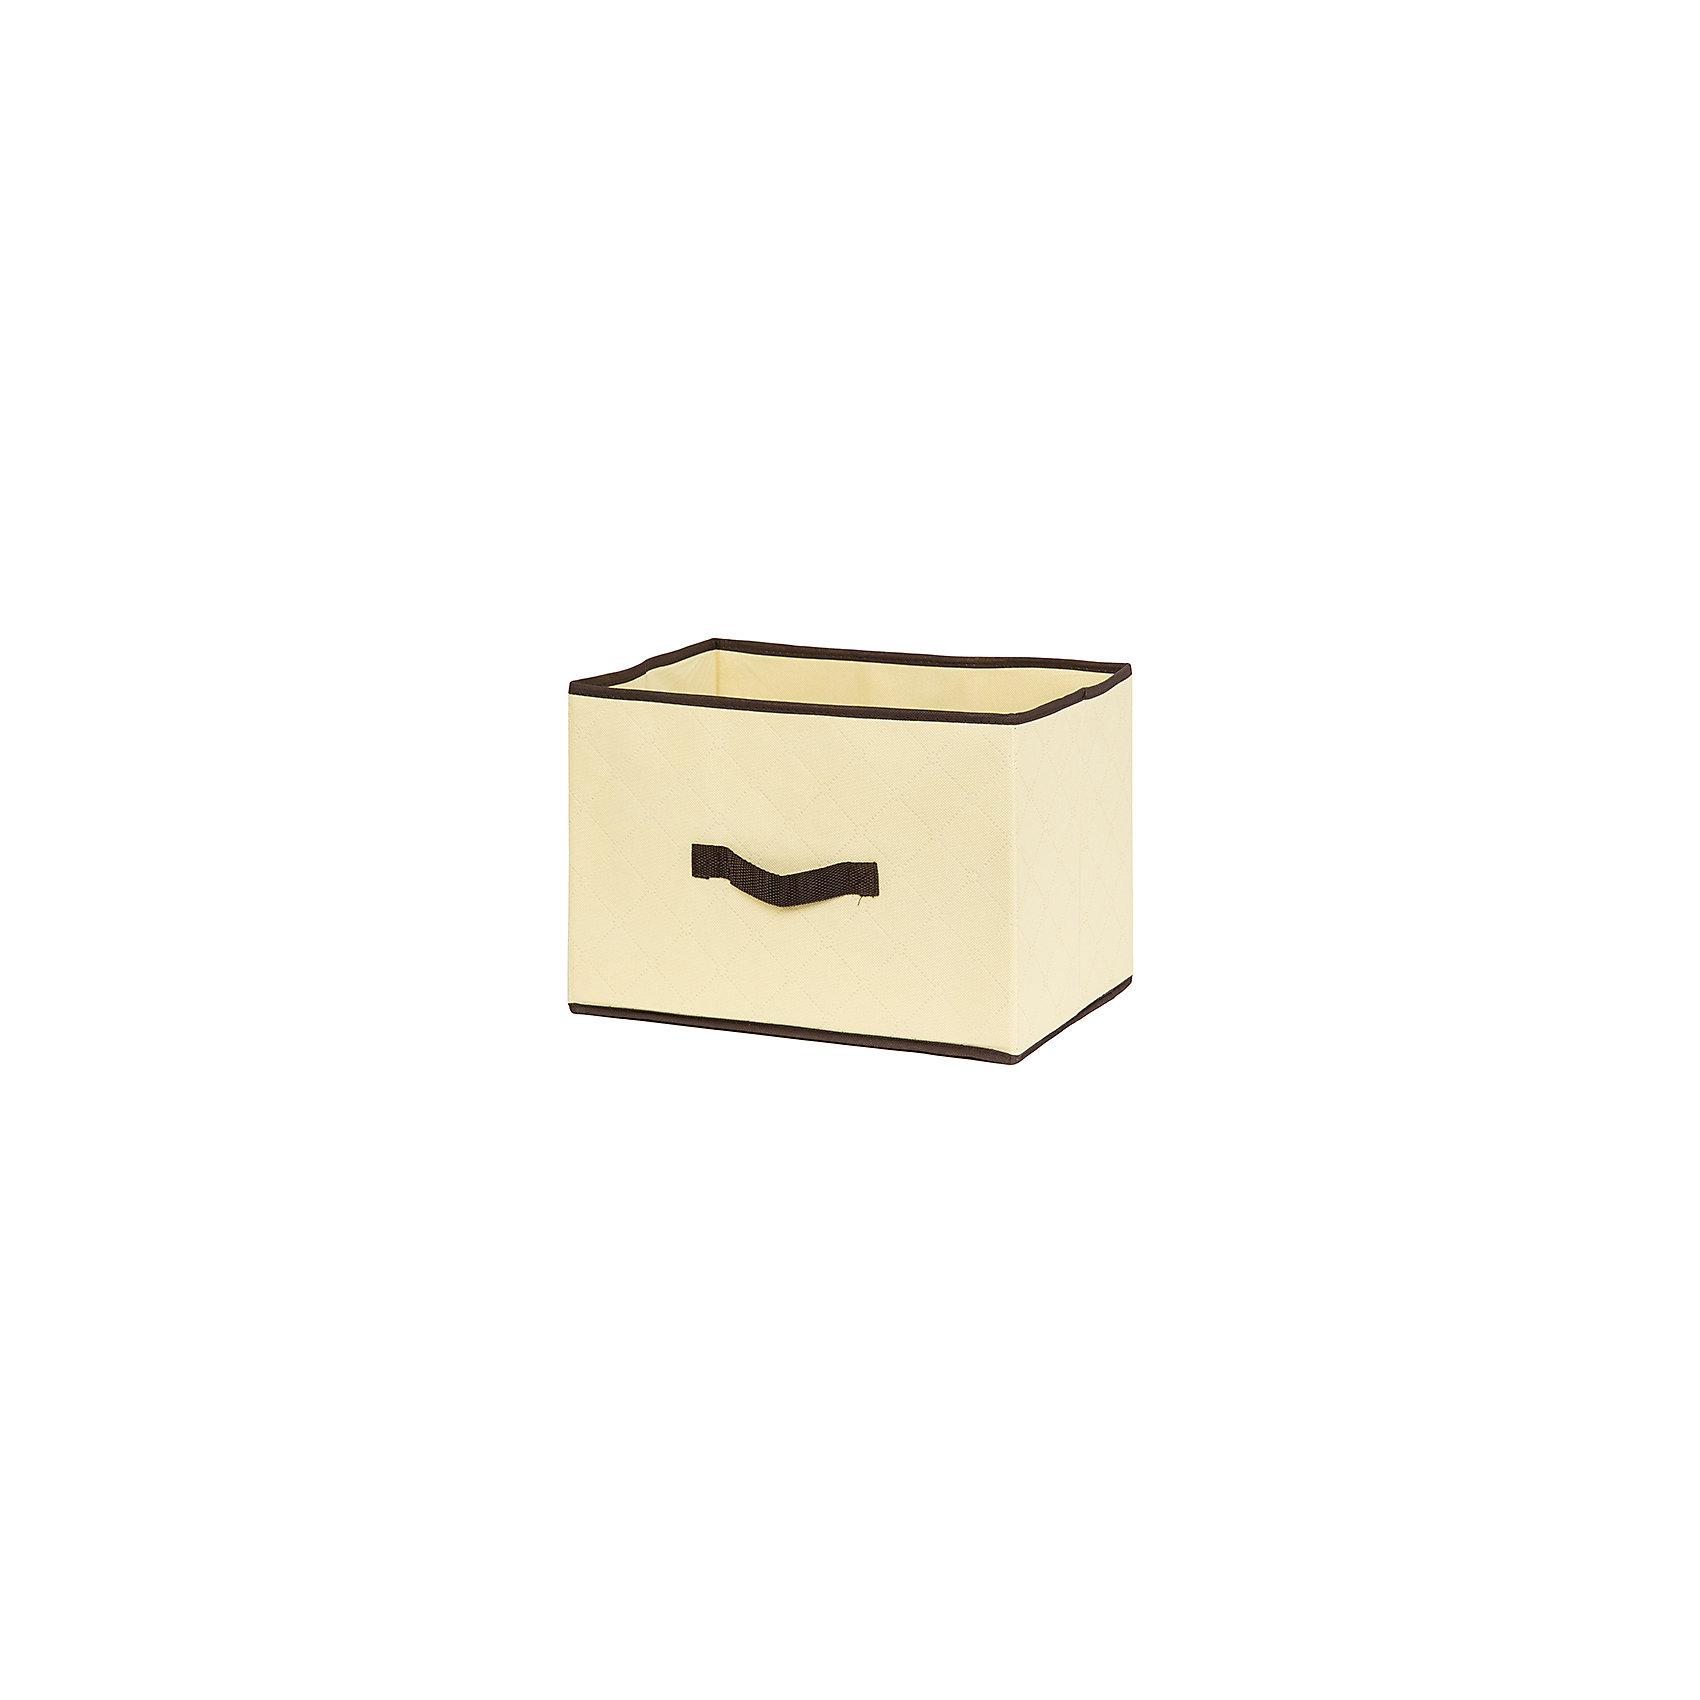 Кофр складной для хранения 35*25*25 см. Геометрия стиля, EL Casa, молочныйПорядок в детской<br>Характеристики товара:<br><br>• цвет: молочный<br>• материал: текстиль (полиэстер 100%)<br>• размер: 35 х 25 х 25 см<br>• вес: 300 г<br>• прозрачная крышка<br>• защита от пыли<br>• естественная вентиляция<br>• 8 отделений<br>• удобный<br>• универсальный размер<br>• страна бренда: Российская Федерация<br>• страна производства: Китай<br><br>Такой кофр - отличный пример красивой и функциональной вещи для любого интерьера. В нем удобной хранить различные мелочи, благодаря универсальному дизайну и расцветке он хорошо будет смотреться в помещении.<br><br>Кофр с жёстким каркасом для хранения может стать отличным приобретением для дома или подарком для любителей красивых оригинальных вещей.<br><br>Бренд EL Casa - это красивые и практичные товары для дома с современным дизайном. Они добавляют в жильё уюта и комфорта! <br><br>Кофр для нижнего белья и носков 32*32*12 см. Геометрия стиля, 8 секций, EL Casa можно купить в нашем интернет-магазине.<br><br>Ширина мм: 350<br>Глубина мм: 250<br>Высота мм: 35<br>Вес г: 585<br>Возраст от месяцев: 0<br>Возраст до месяцев: 1188<br>Пол: Унисекс<br>Возраст: Детский<br>SKU: 6668774